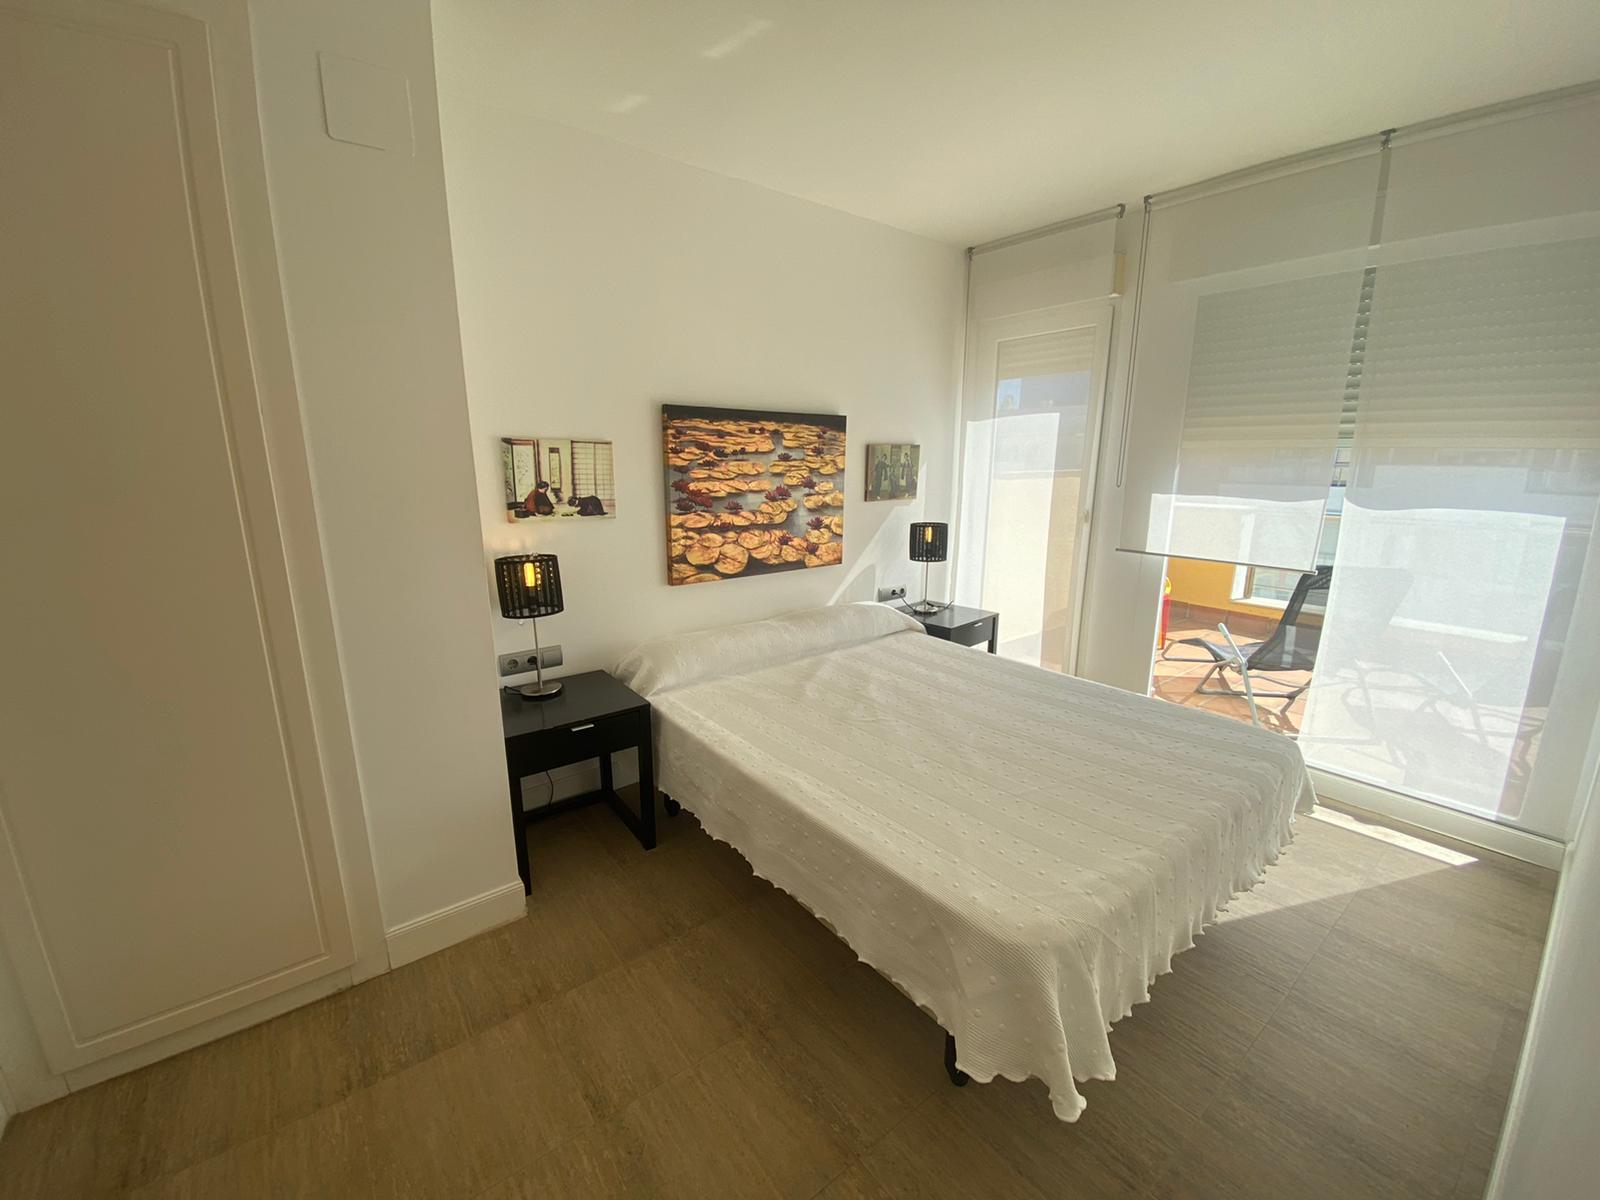 Imagen 15 del Apartamento Turístico, Ático 8 Central (3d+2b), Punta del Moral (HUELVA), Paseo de la Cruz nº22